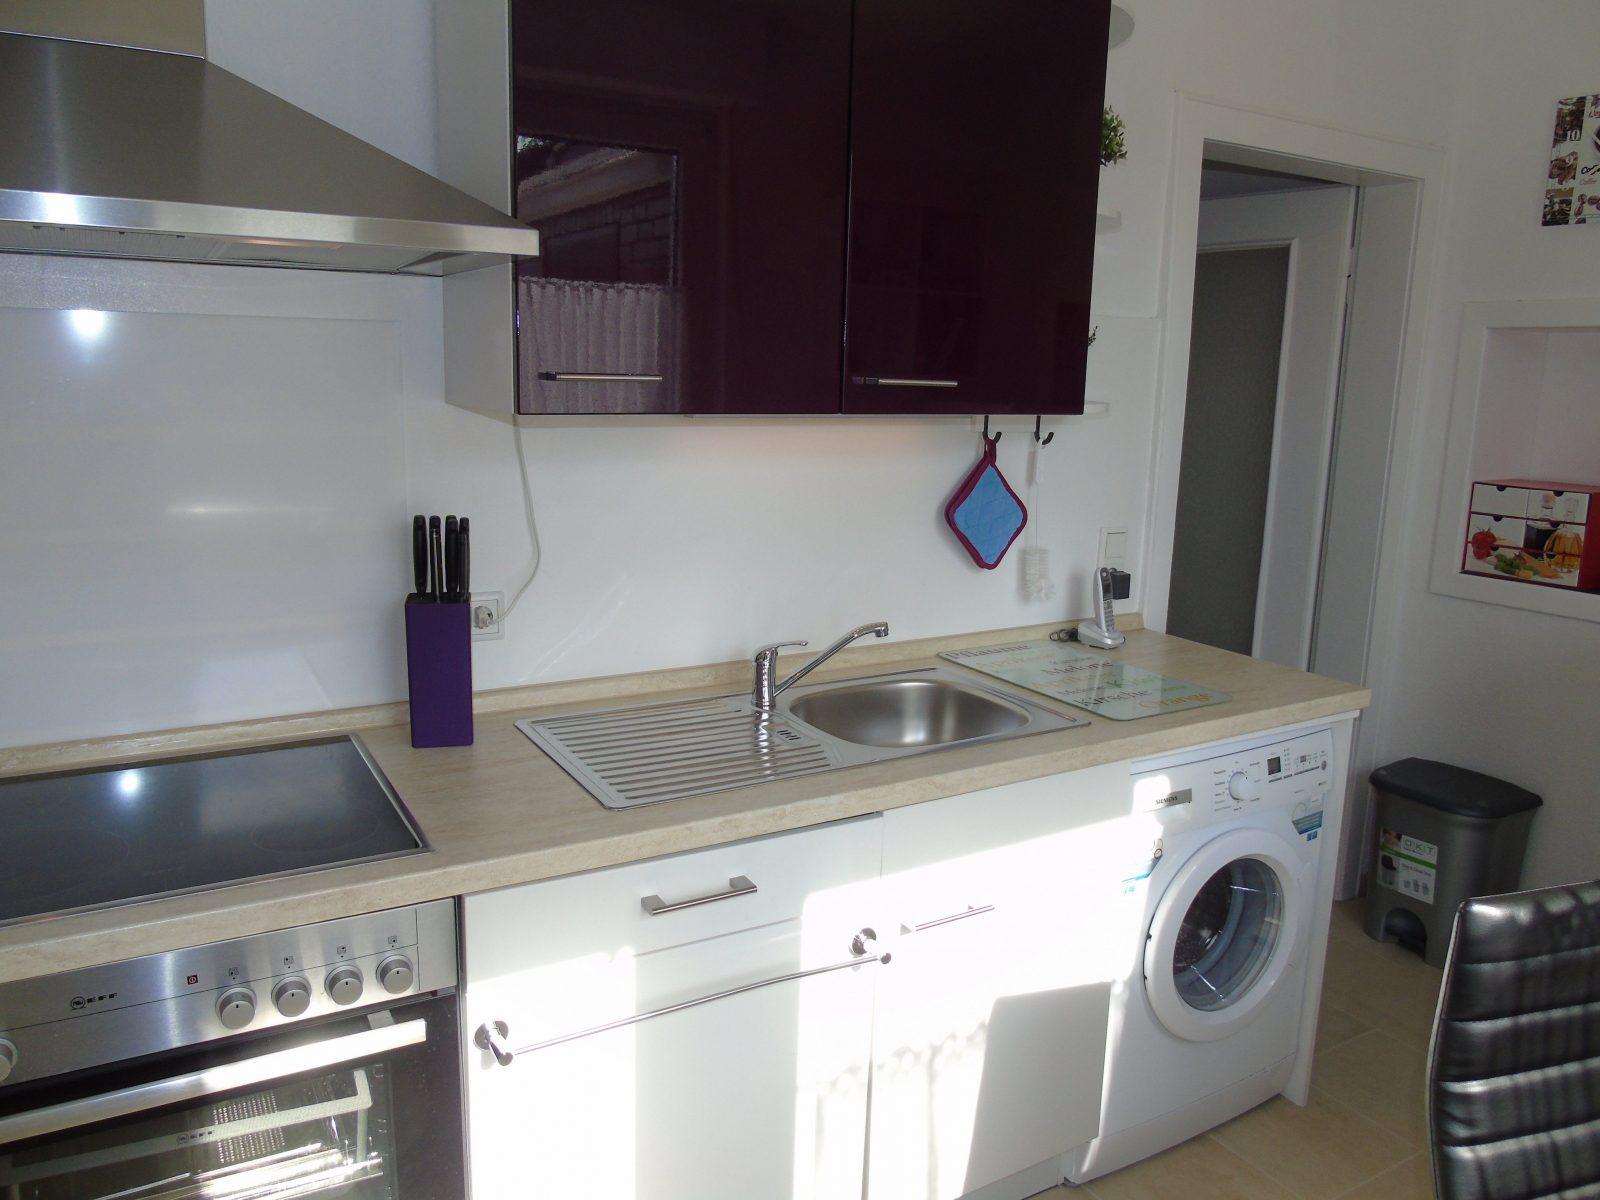 Waschmaschine In Der Küche Verstecken Bad von Waschmaschine In Küche ...